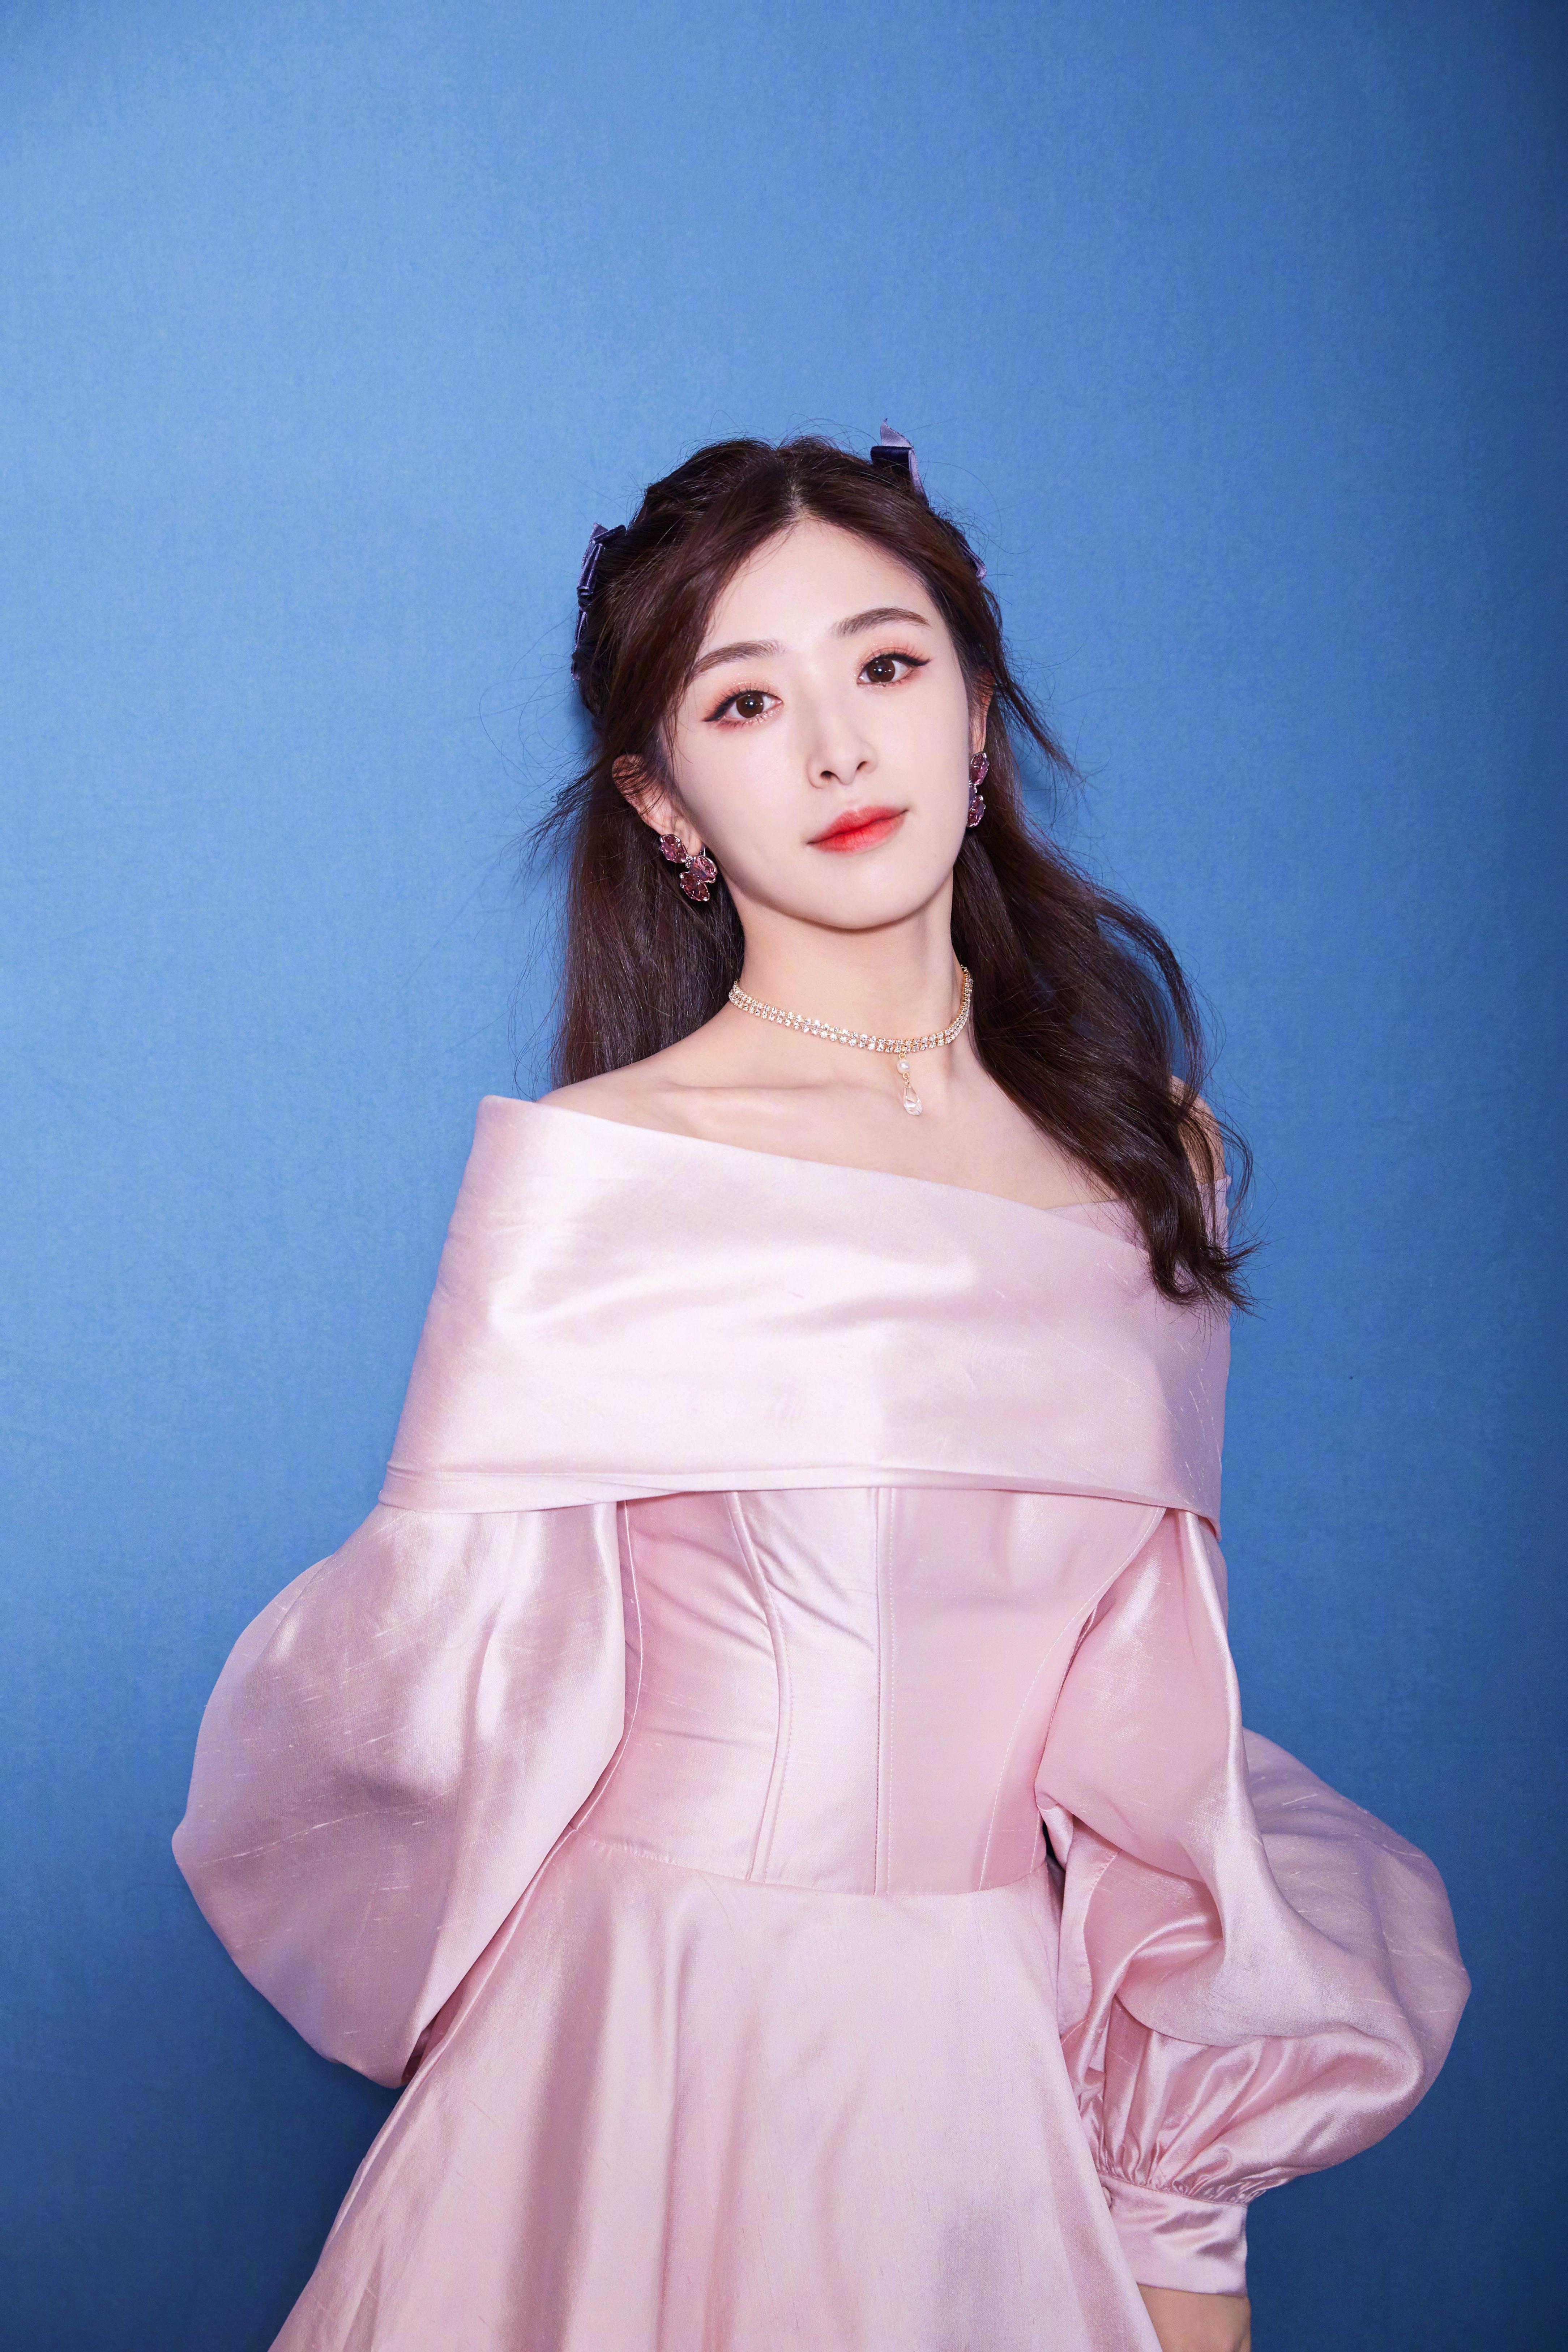 张含韵成了古堡公主,粉红色裙子古典高贵,桃花妆容细腻可爱